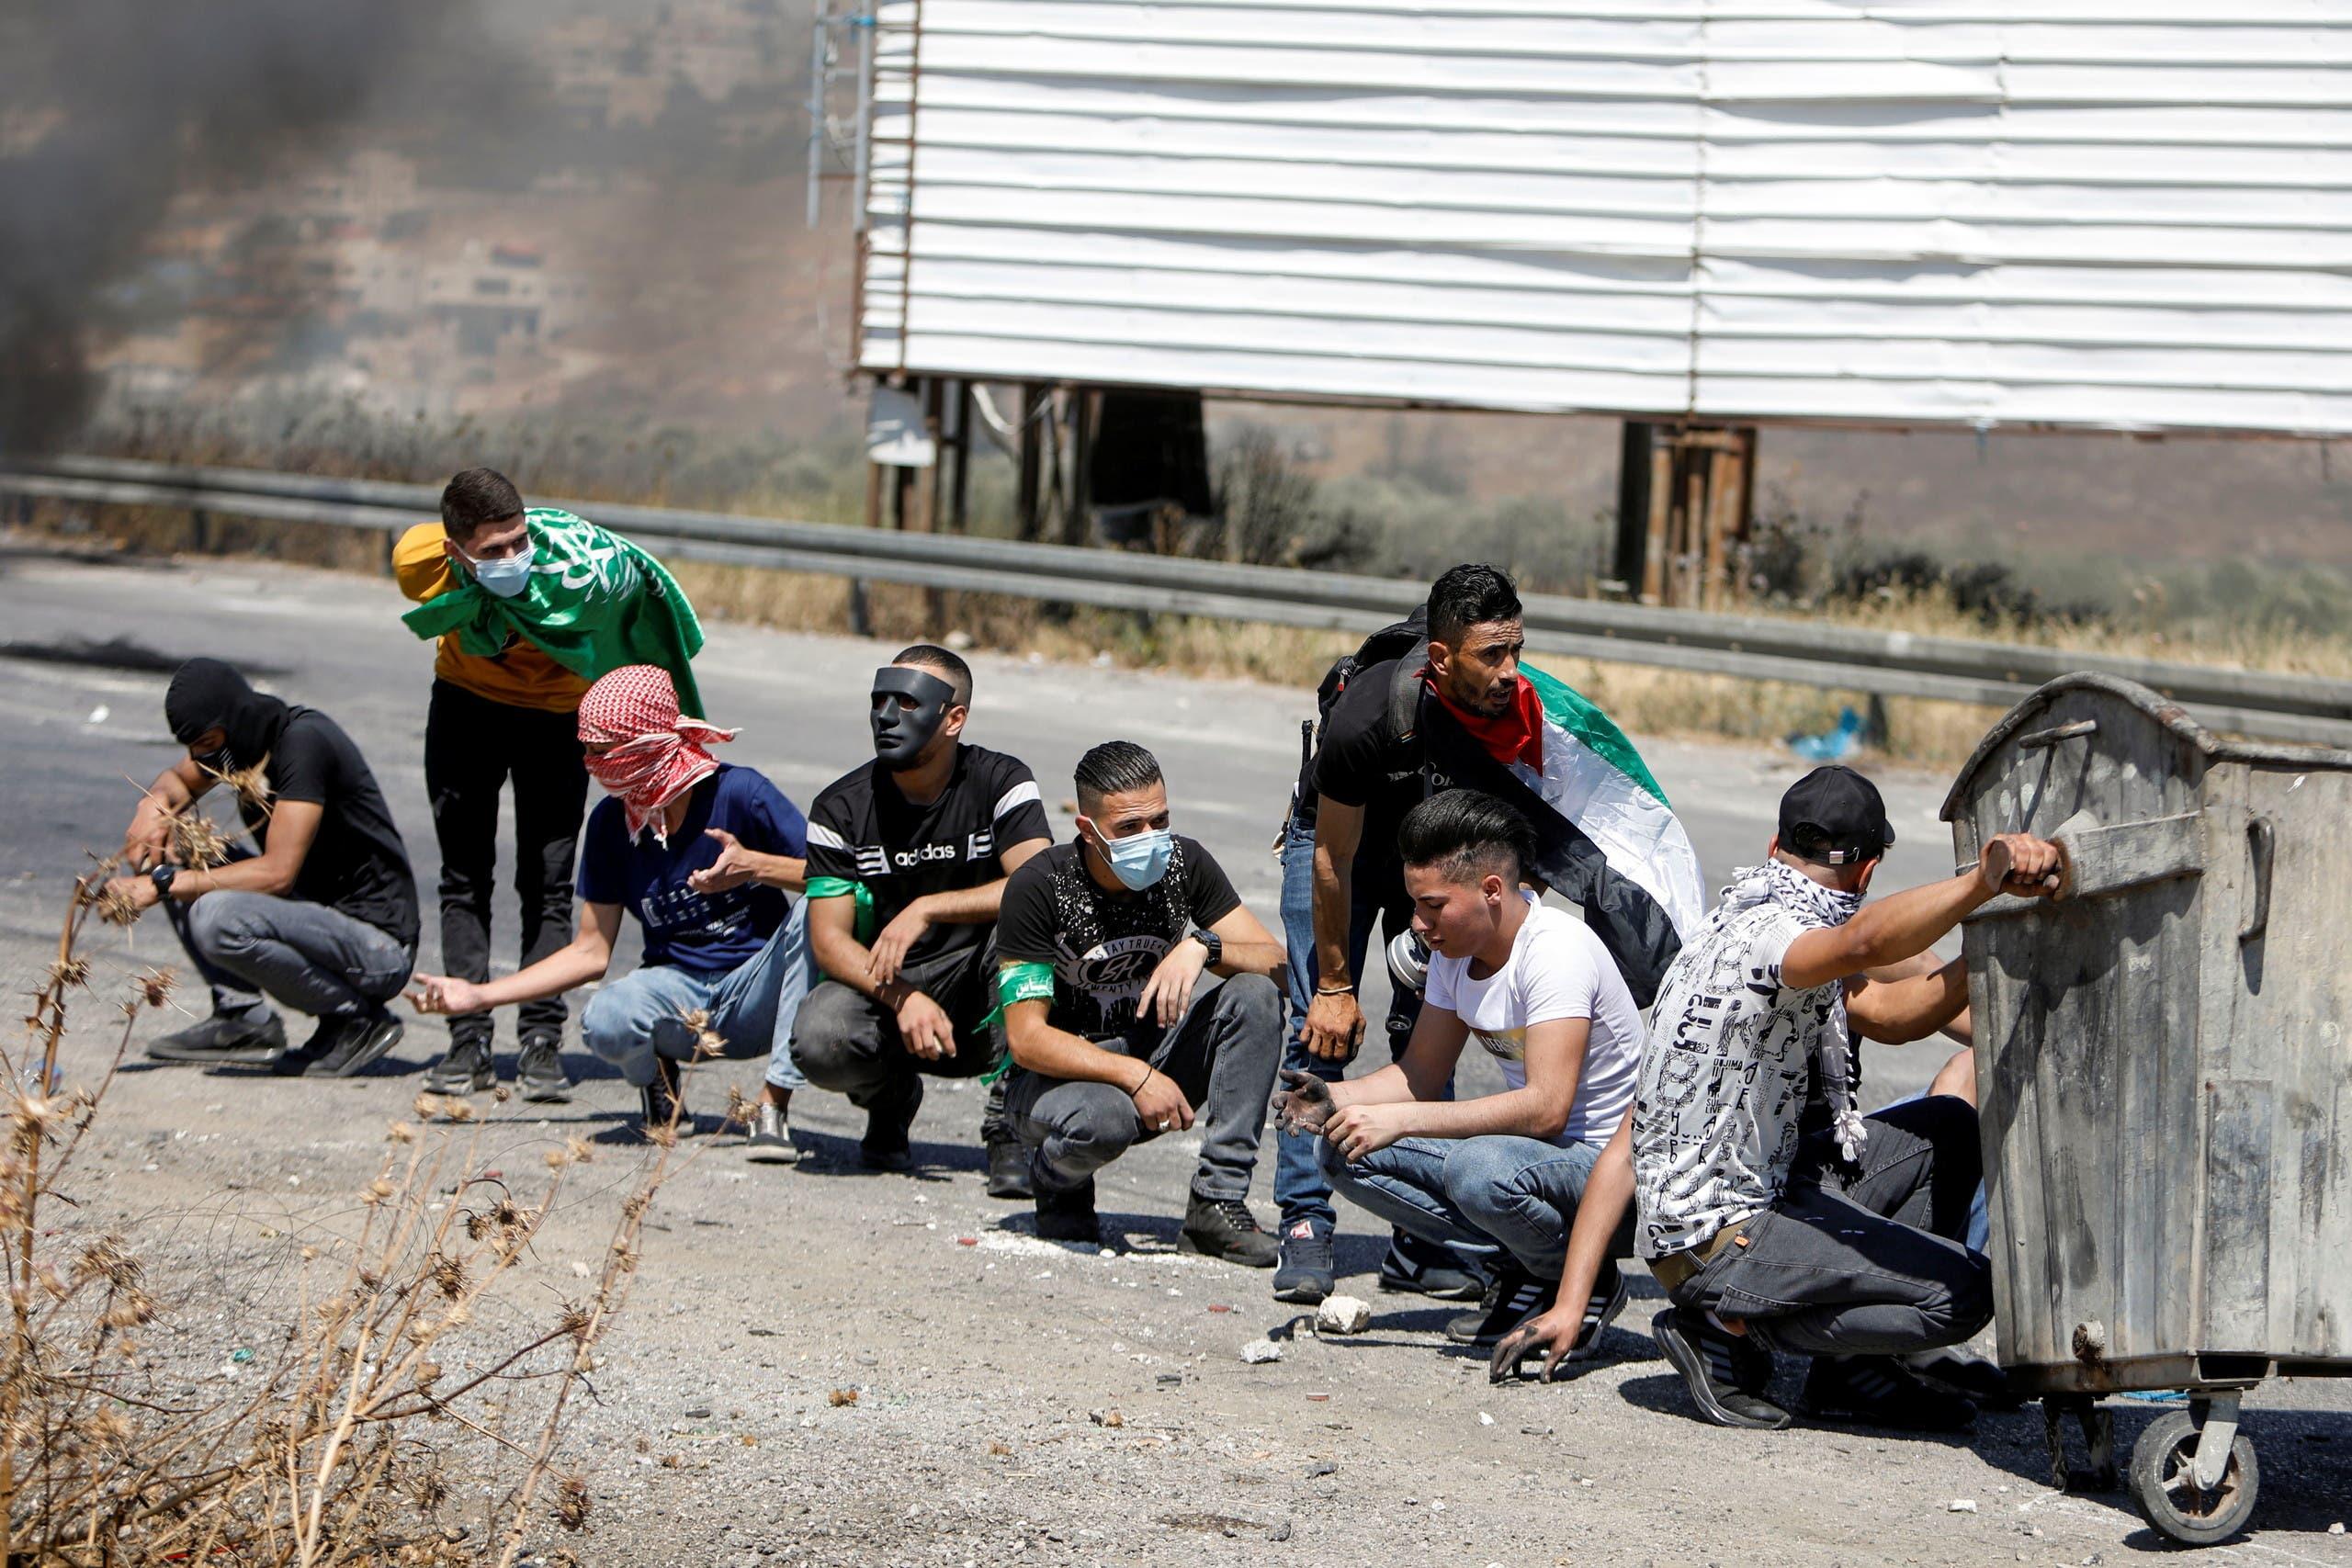 مظاهرات في نابلس بالضفة الغربية (رويترز)